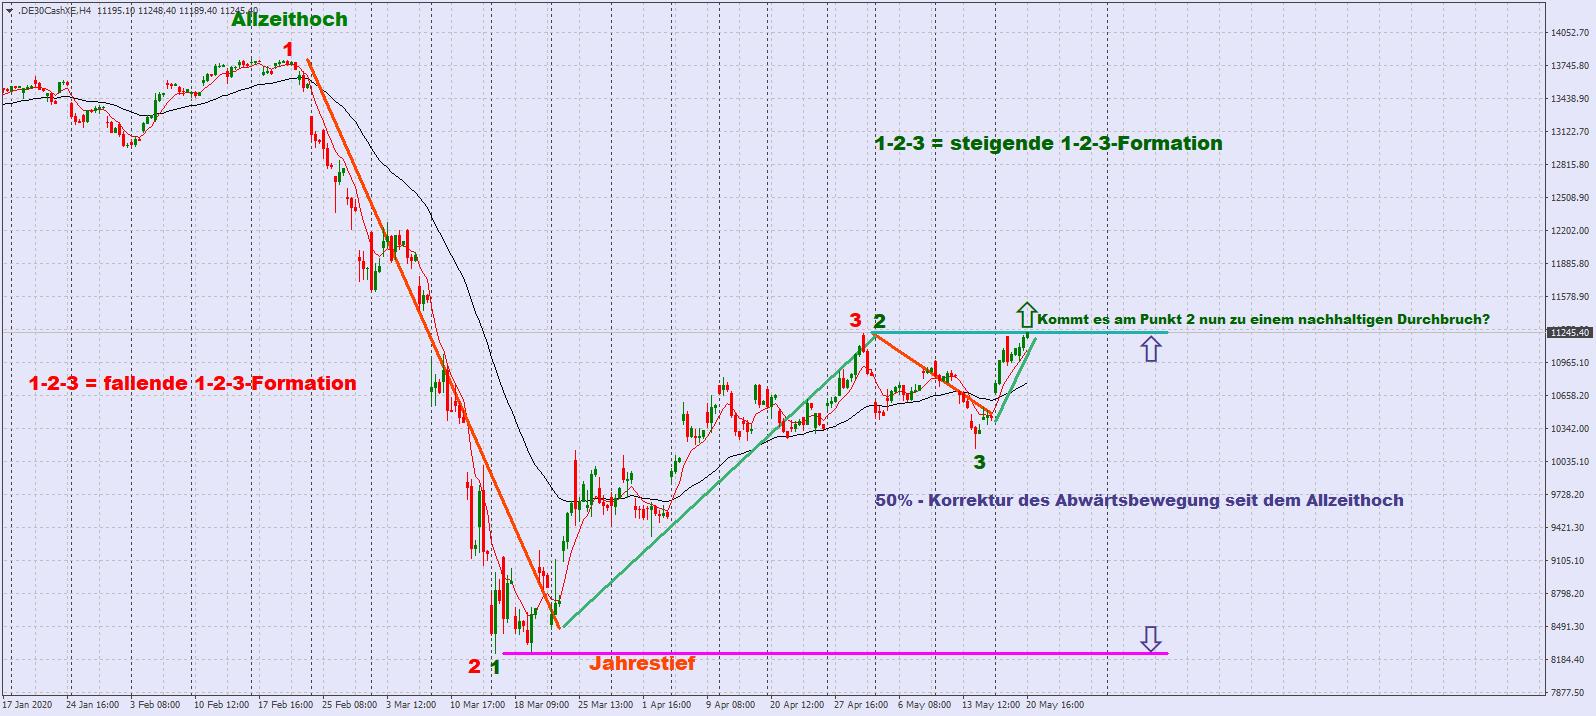 DAX in Form am Punkt 2 der steigenden 1-2-3-Formation im 4-Stundenchart